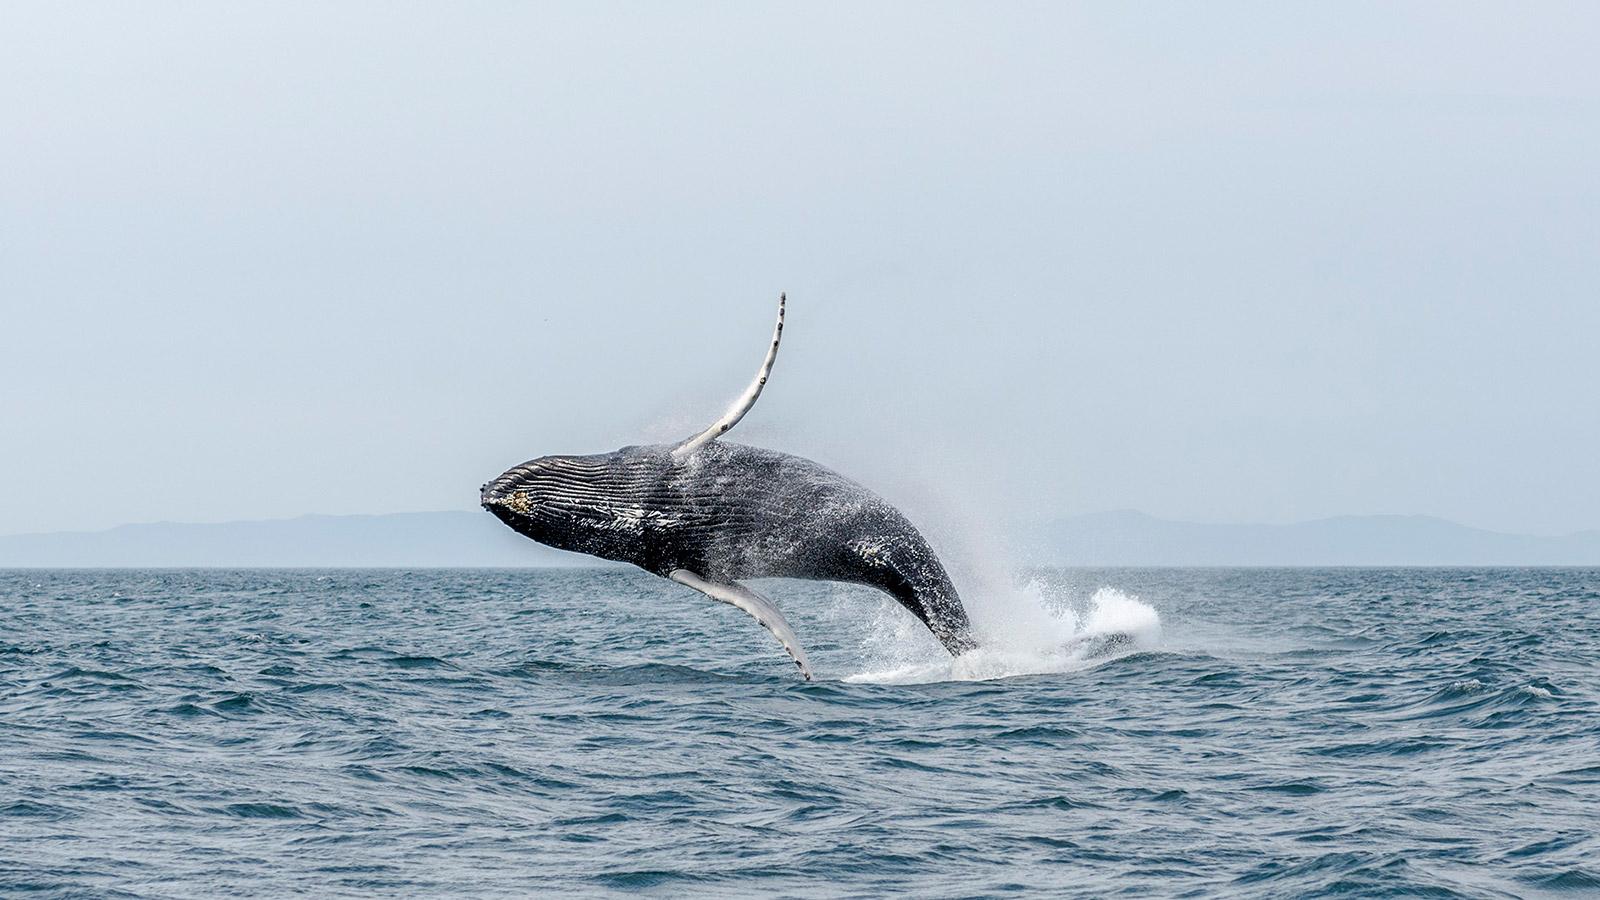 Baleine-Saint-Pierre-et-Miquelon-photo-Franck-Le-Bars